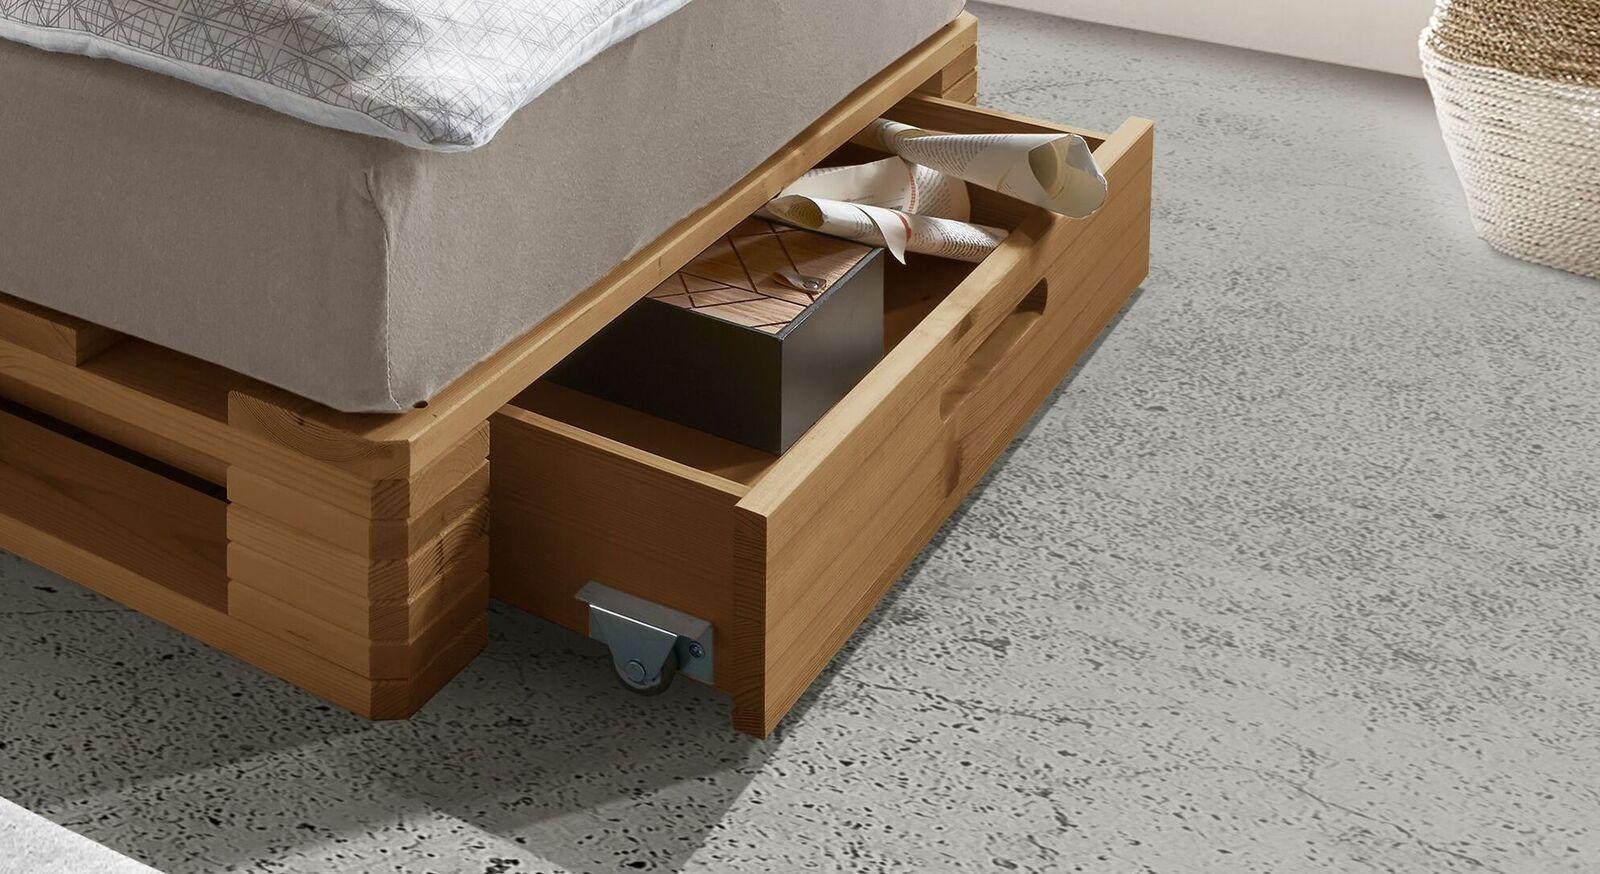 Palettenbett Nimba mit integriertem Stauraum